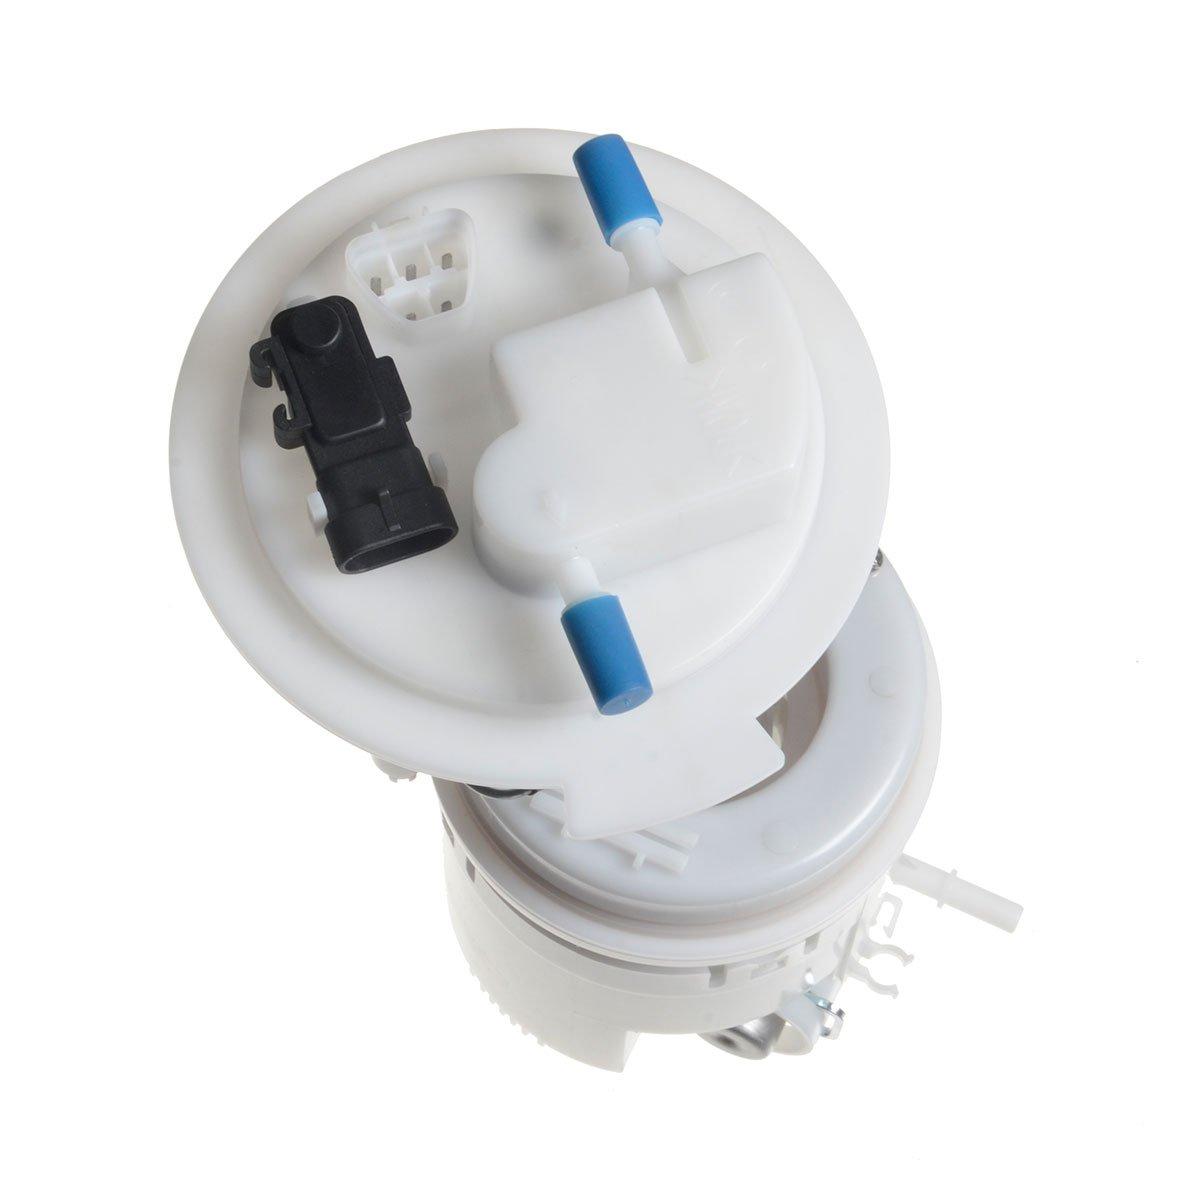 A Premium Electric Fuel Pump Module Assembly For Hyundai 2004 Santa Fe Replacement 2007 2009 V6 27l 33l E8821m Automotive